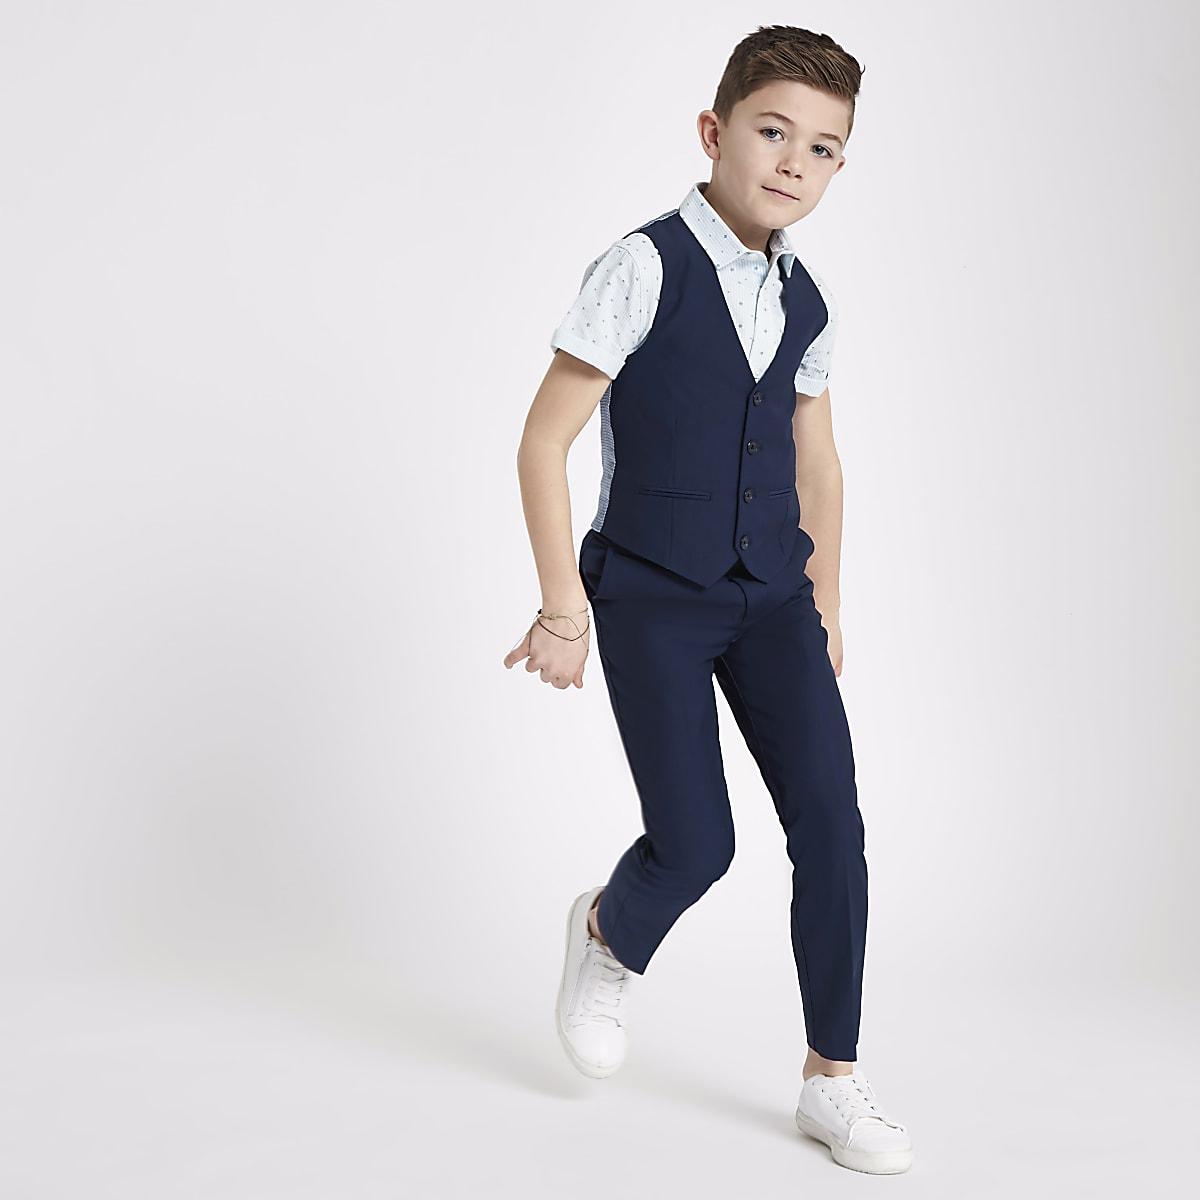 2228829f5e3 Boys navy suit waistcoat - Waistcoats - Suits - boys